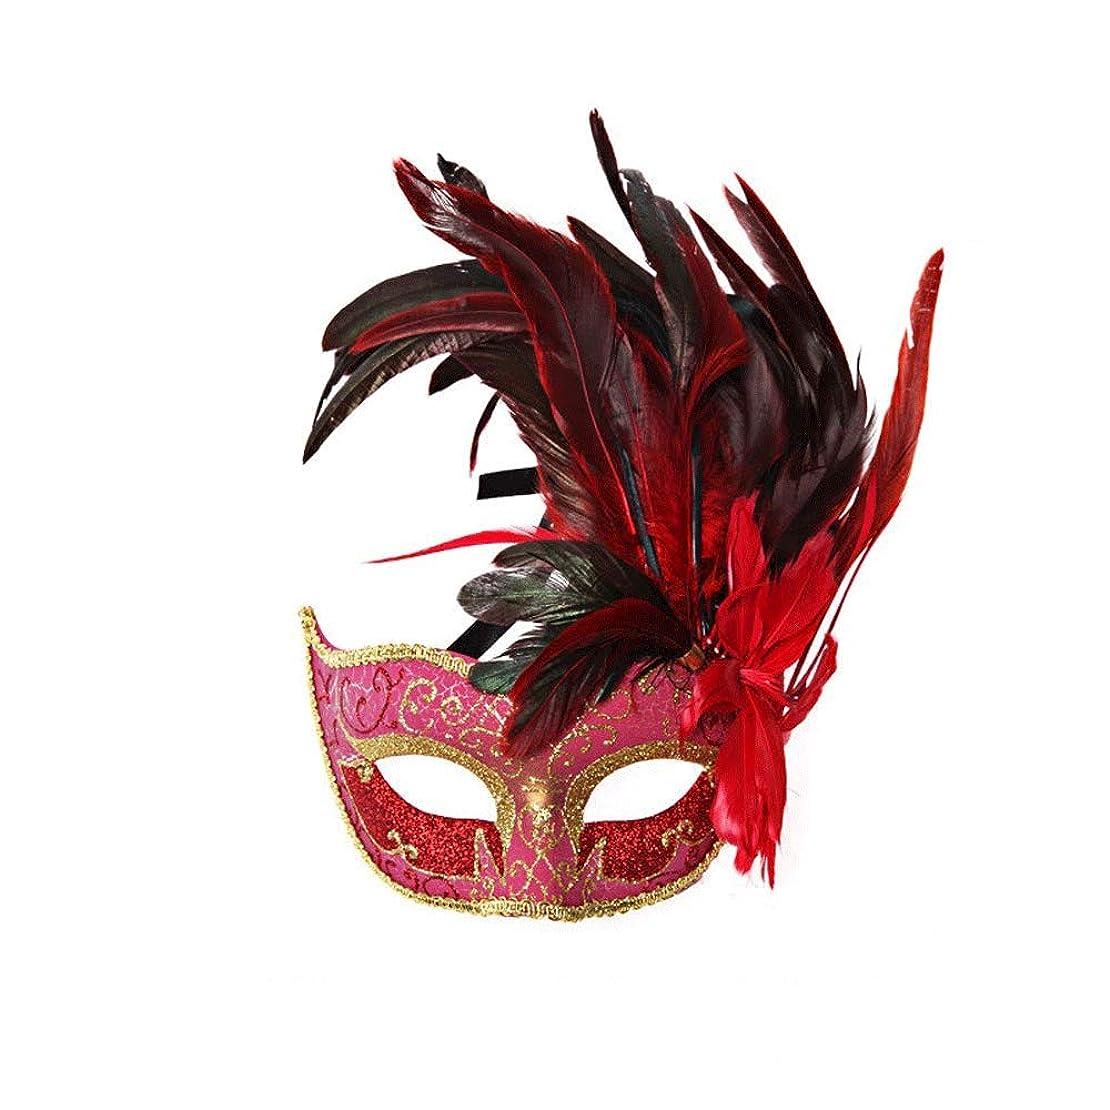 会計ロマンスレバーNanle ハロウィンマスクハーフフェザーマスクベニスプリンセスマスク美容レース仮面ライダーコスプレ (色 : Style A red)